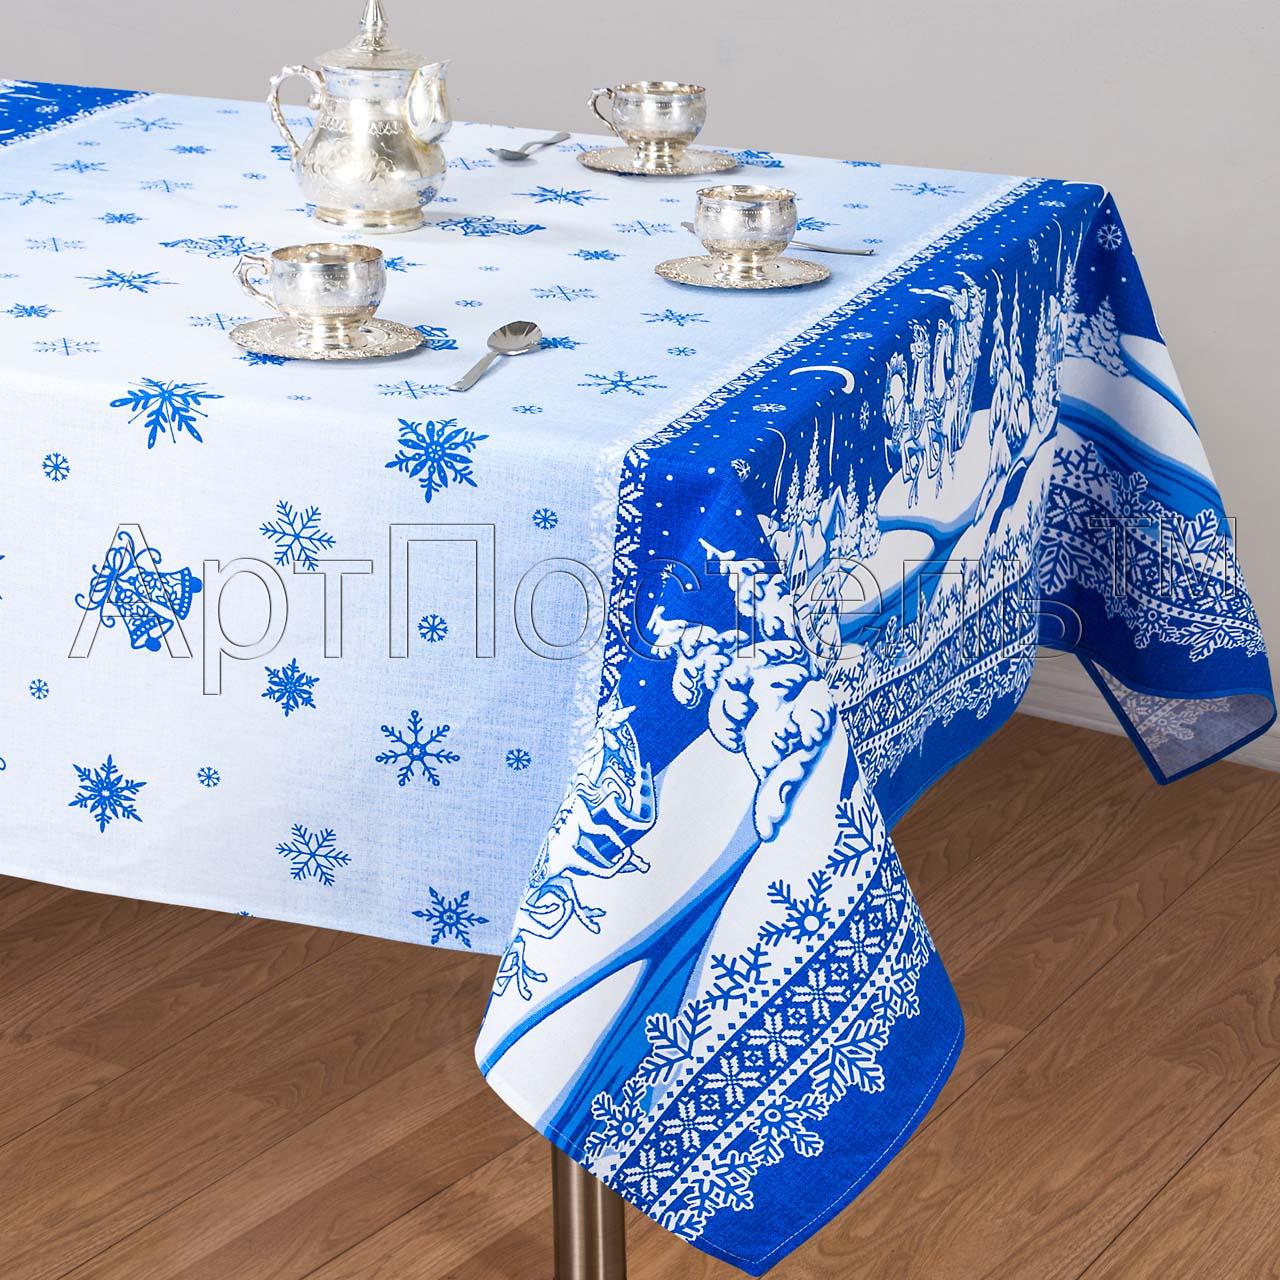 Скатерть Снежные узоры р. 260х145Кухонные принадлежности<br>Плотность ткани: 160 г/кв. м<br><br>Тип: Скатерть<br>Размер: 260х145<br>Материал: Рогожка